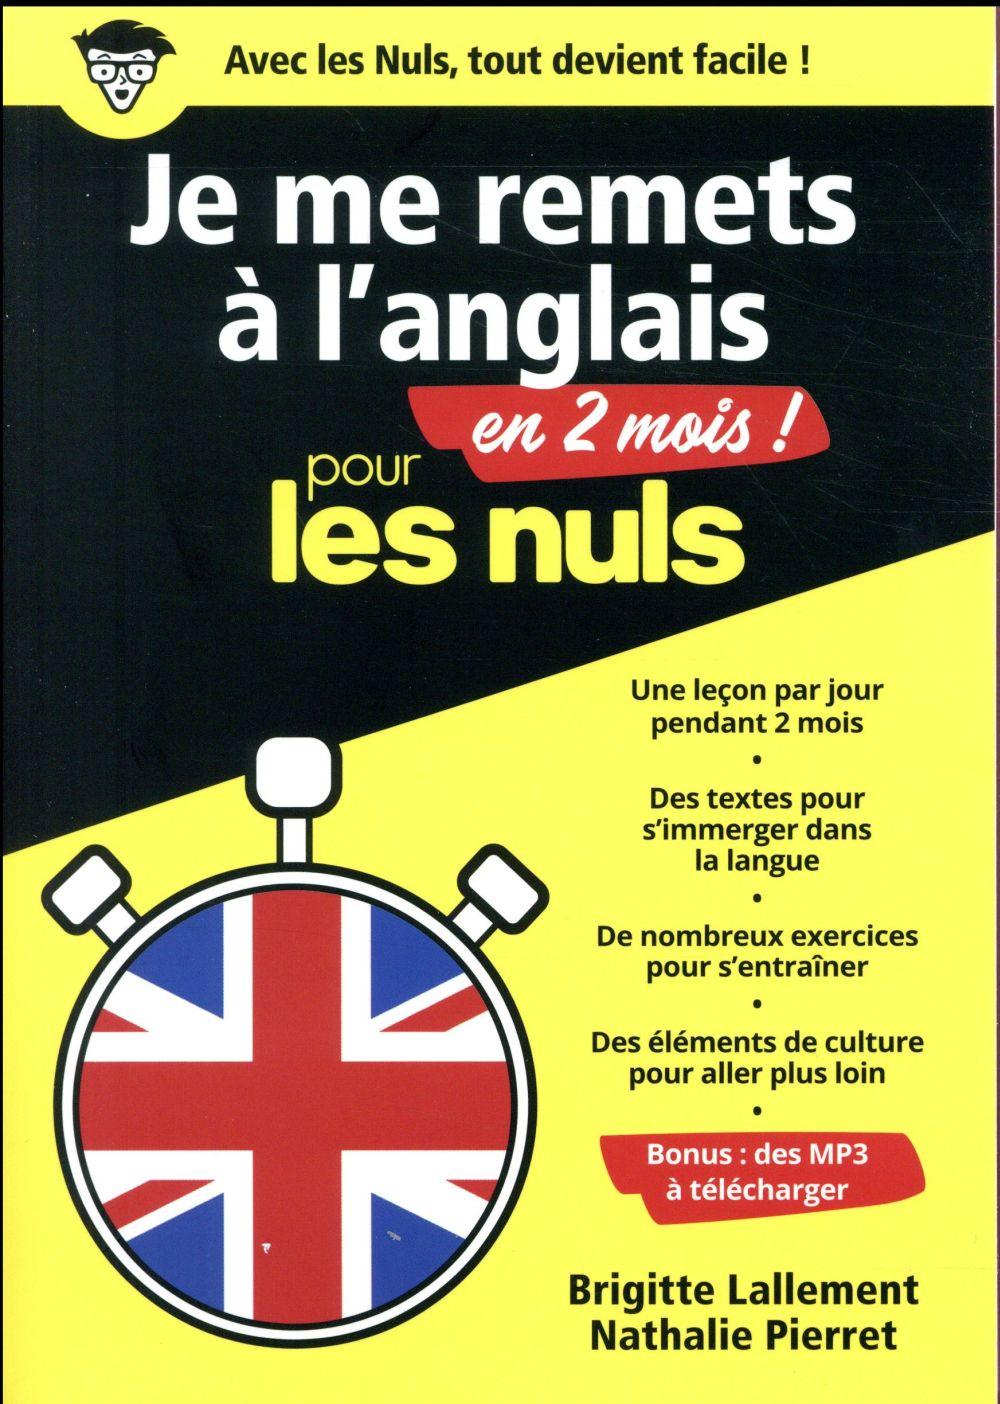 JE ME REMETS A L'ANGLAIS EN 2 MOIS POUR LES NULS Pierret-Lallement Nathalie First Editions